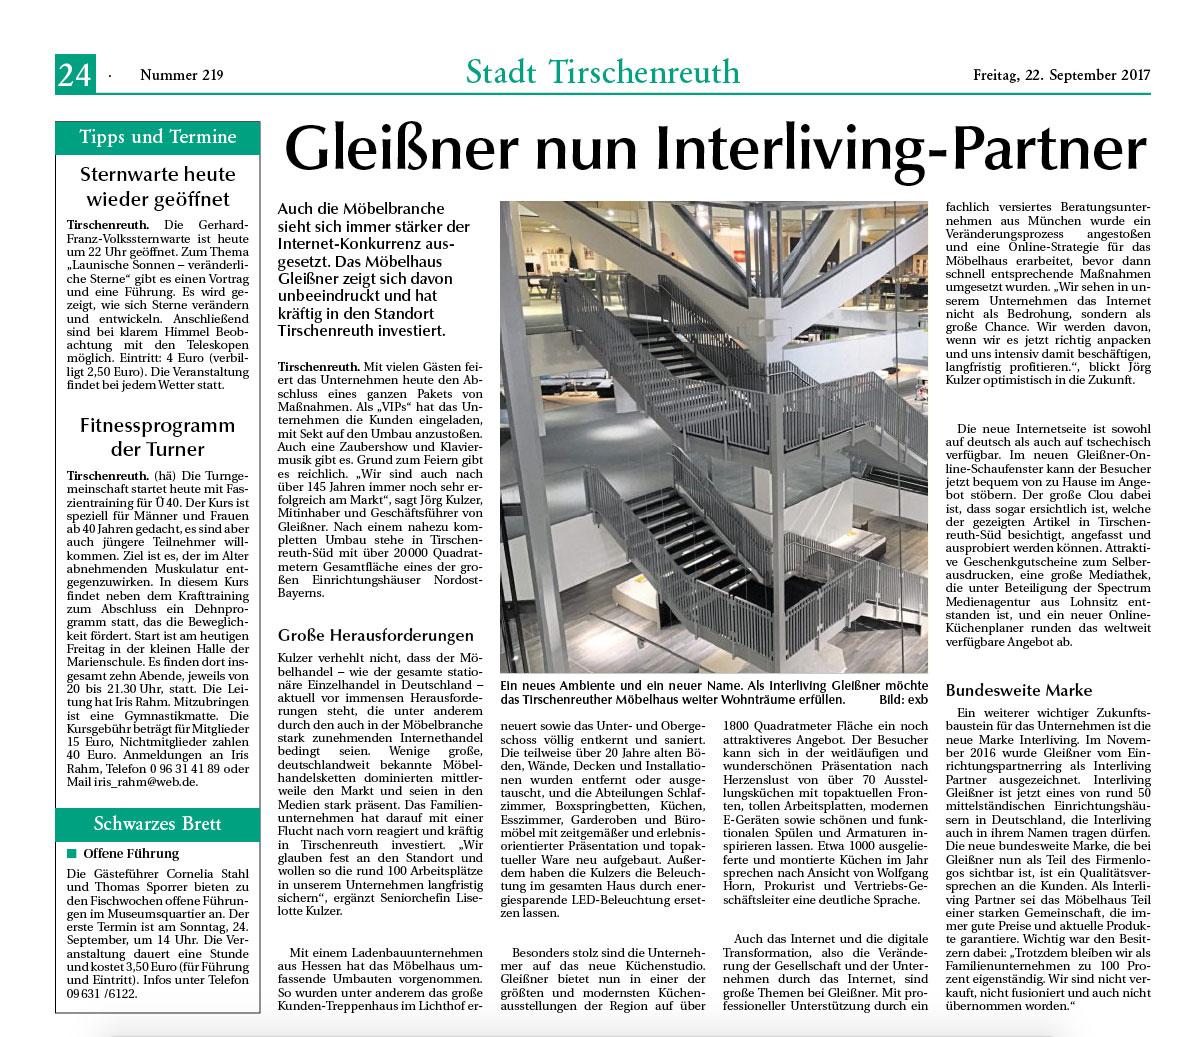 Bericht-Der-Neue-Tag-22-09-175b2778897b8f6